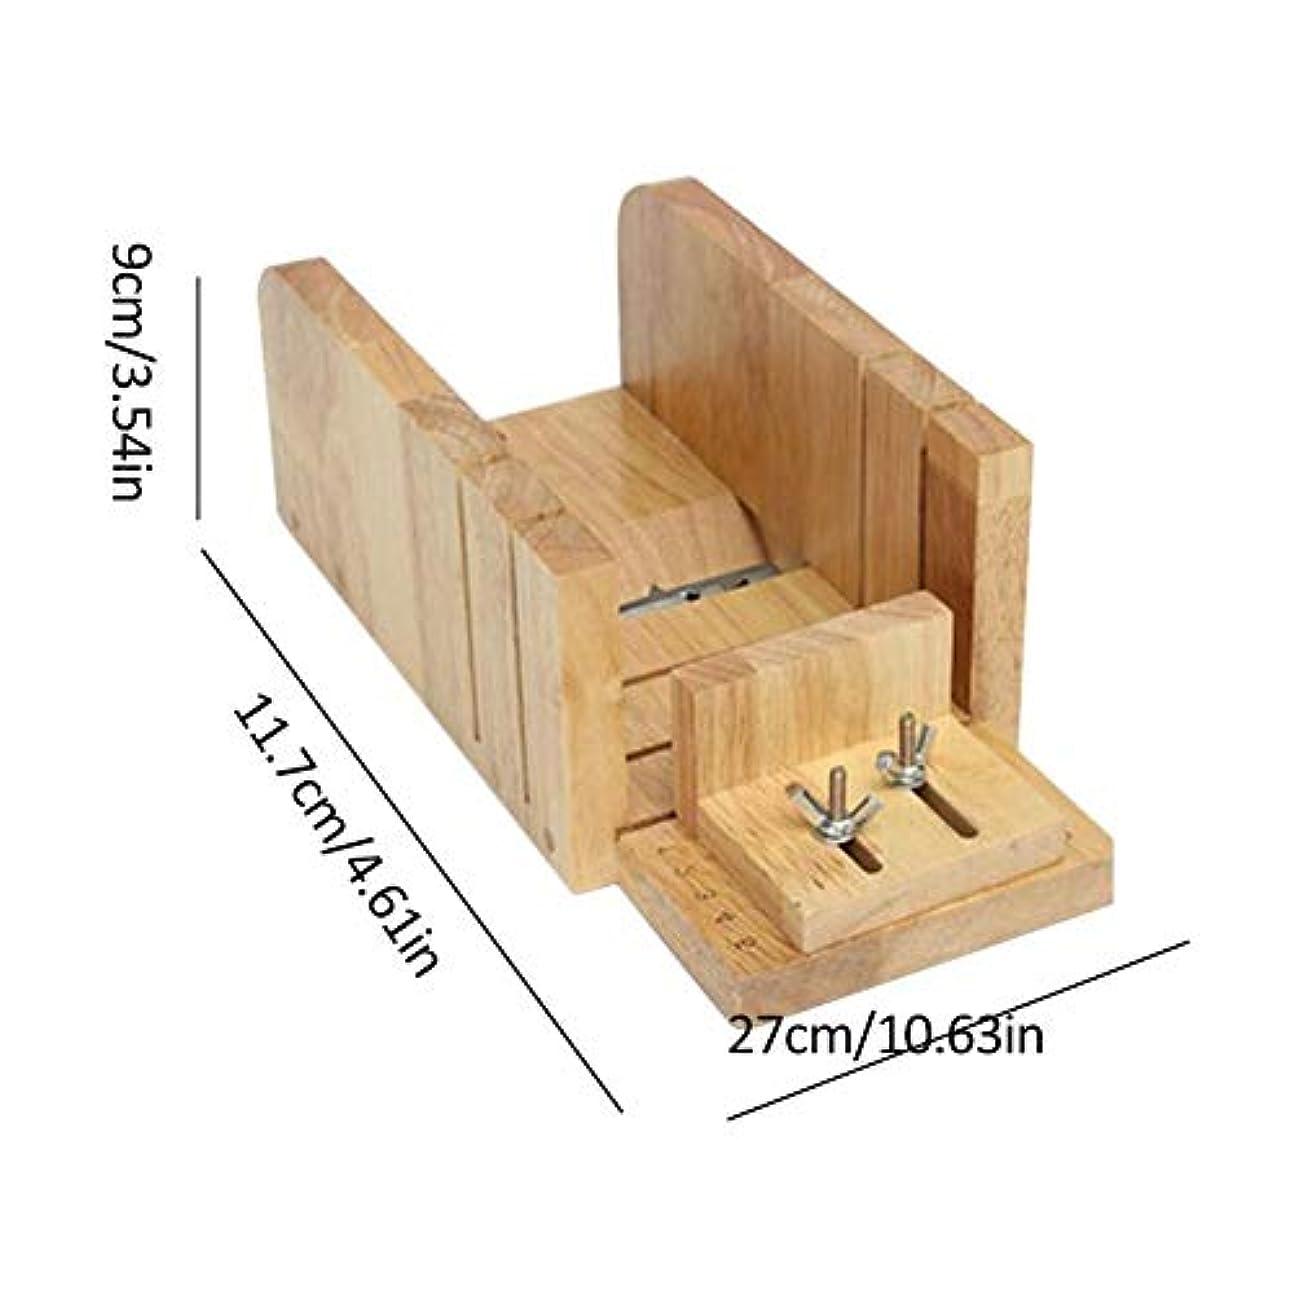 3点セット ソープカッター 石けん金型ソープロープ カッター 木製 カッター ツールDIY 手作り 木製ボックス松木製 ストレートソープ包丁 ナイフ モールドソープ調整可能レトロ